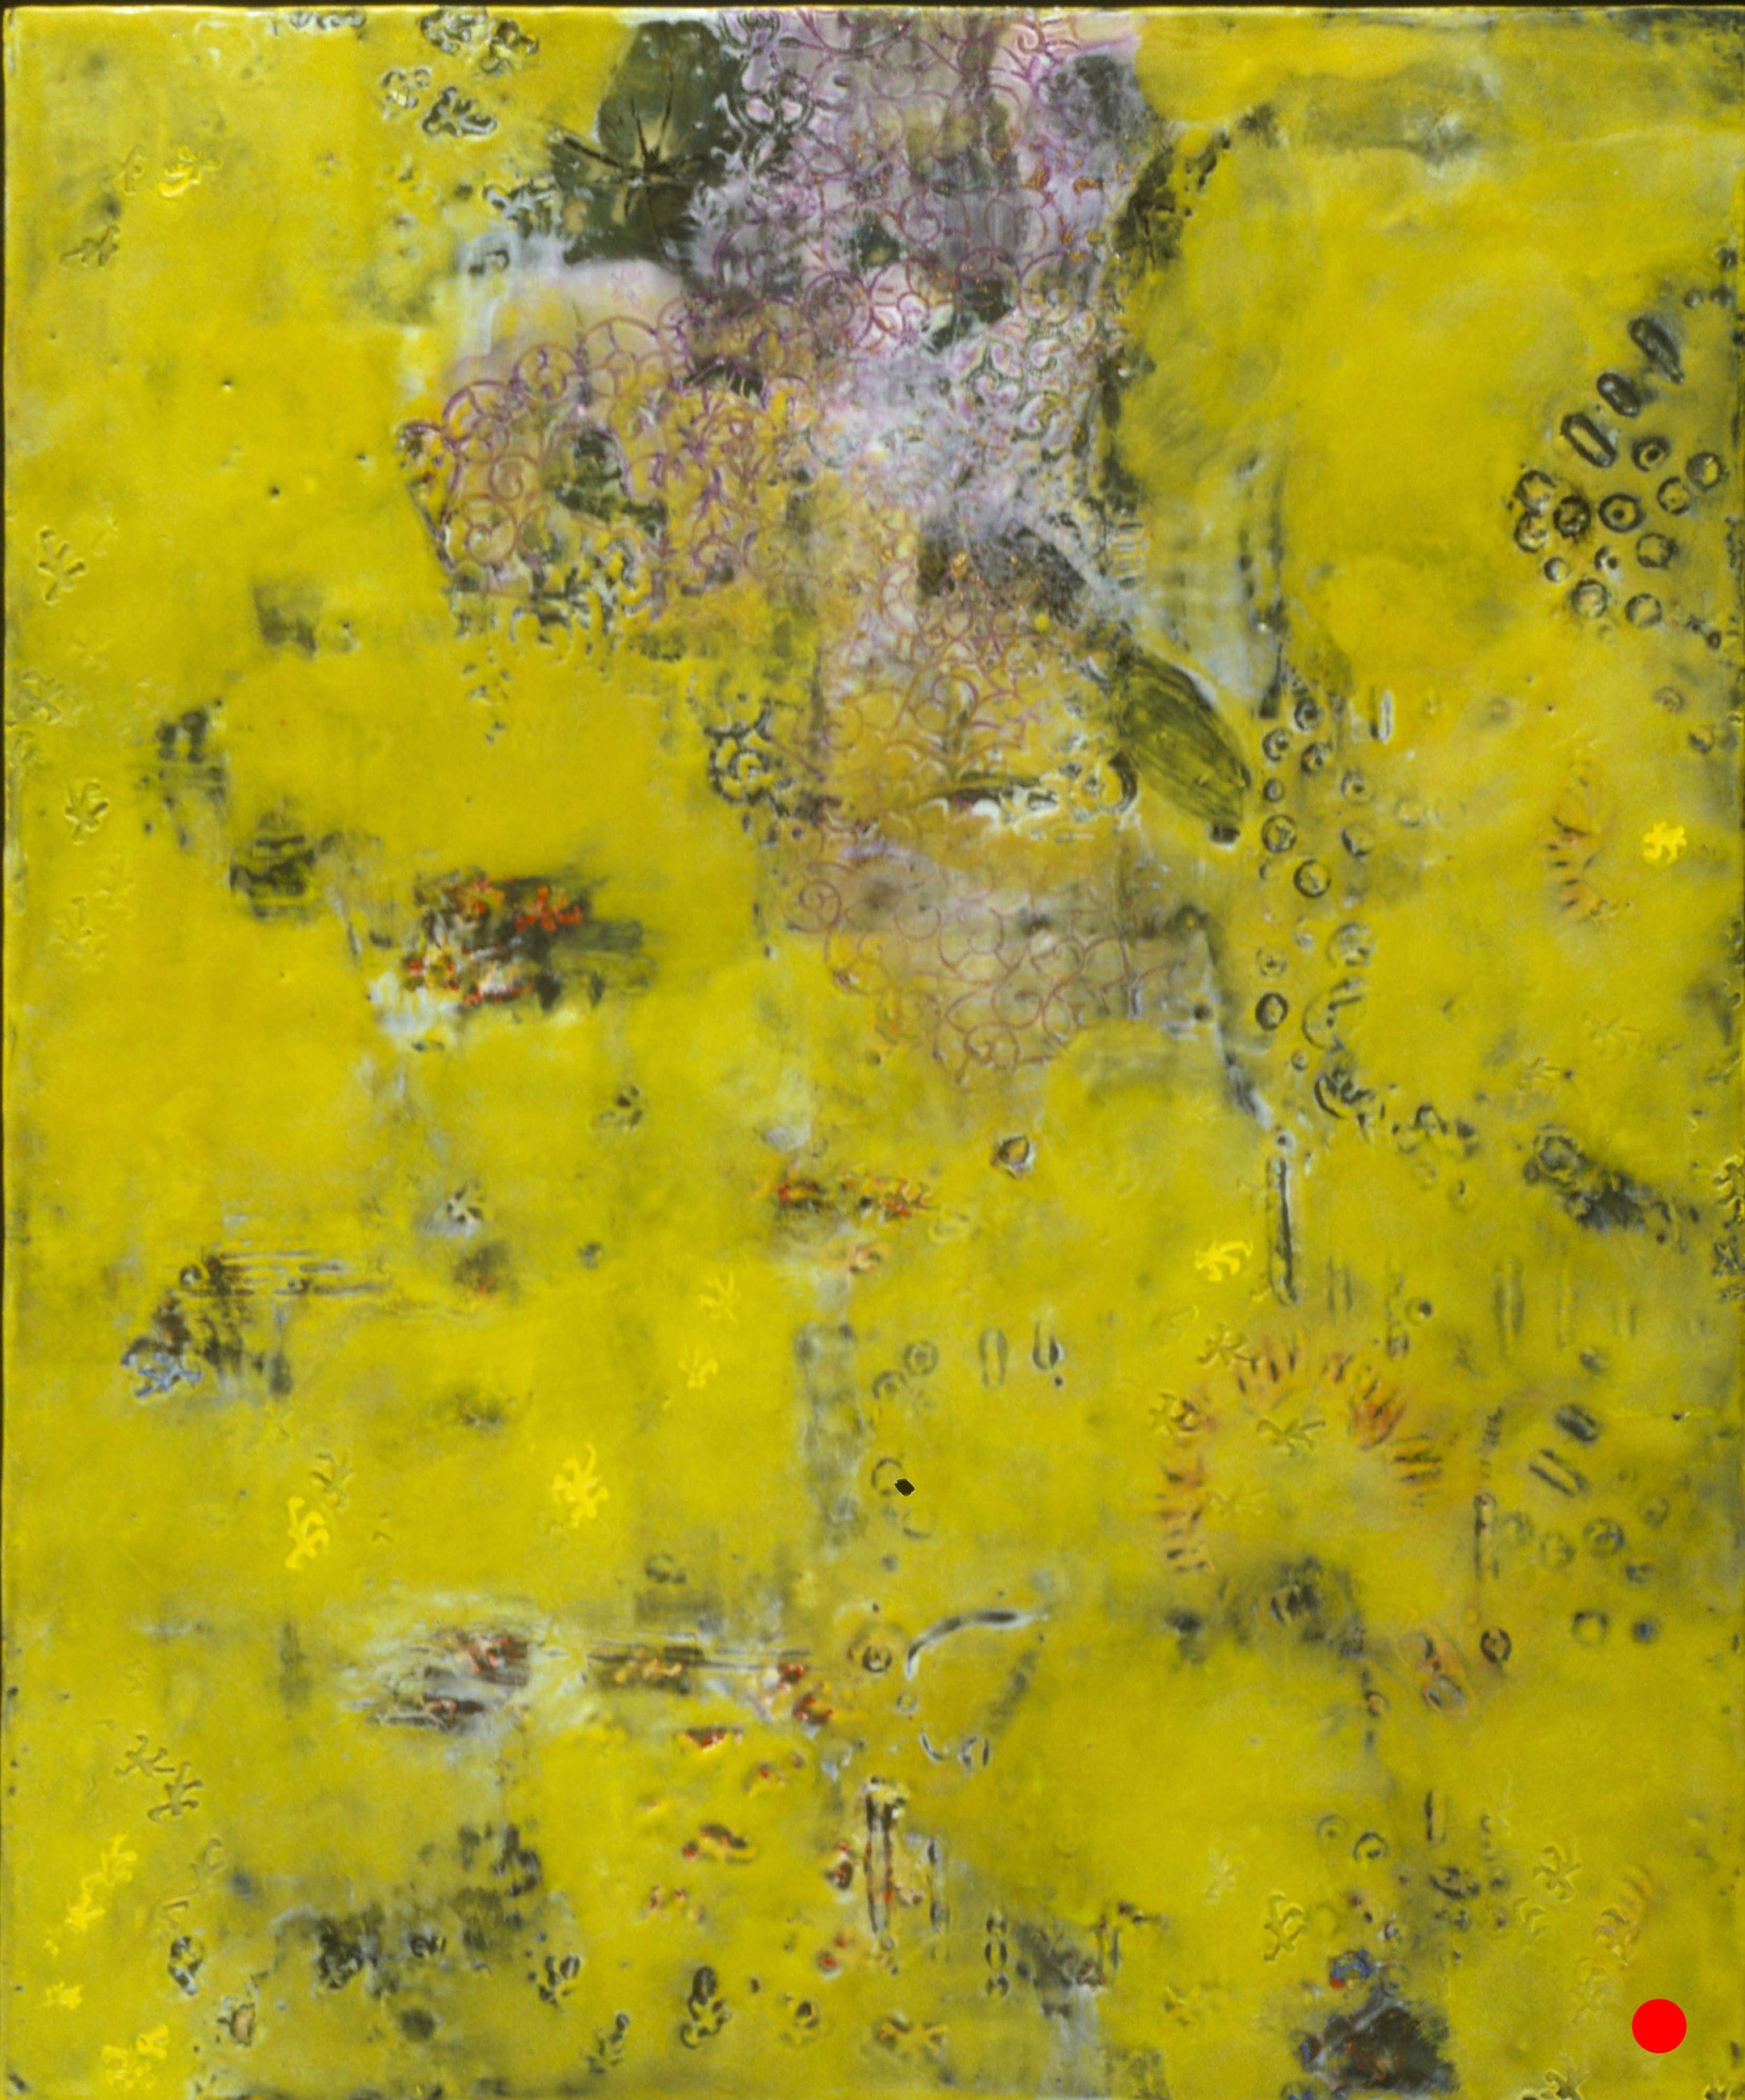 """Vine,   18"""" x 15"""", encaustic, oil on wood, 2000  SOLD"""